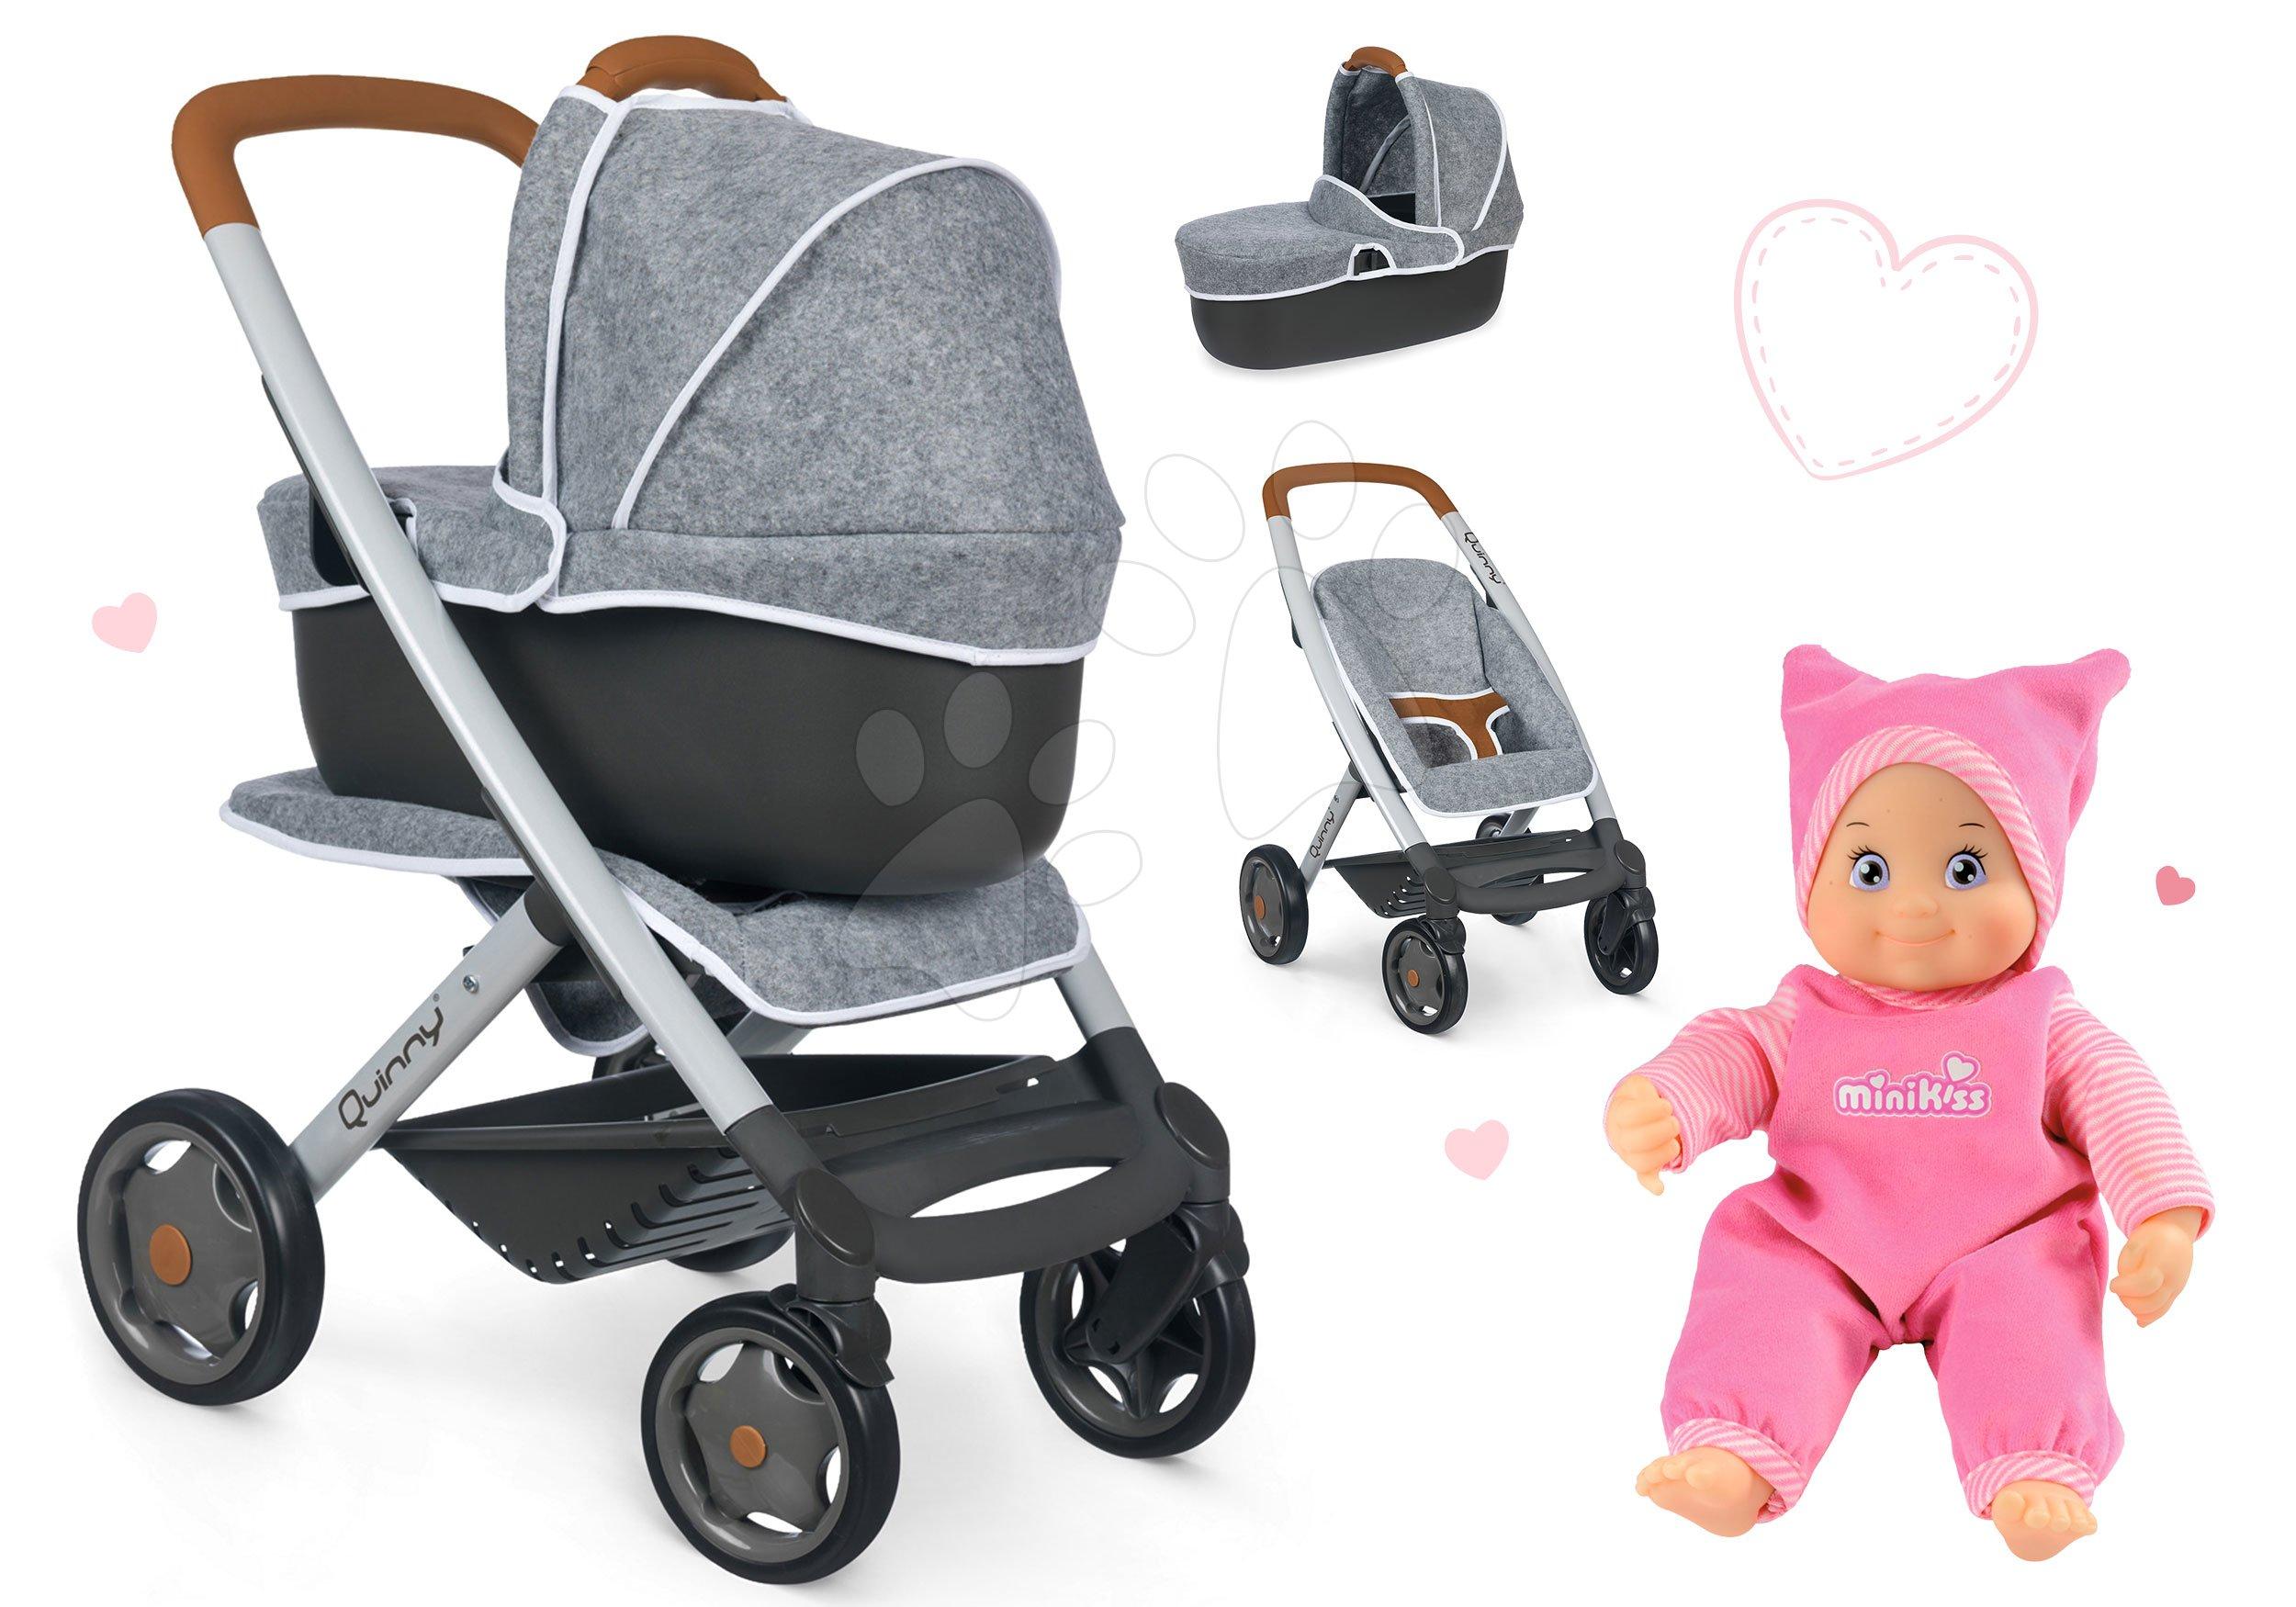 Set kočárek hluboký a sportovní DeLuxe Pastel Maxi Cosi&Quinny Grey 3v1 Smoby a panenka MiniKiss se zvukem